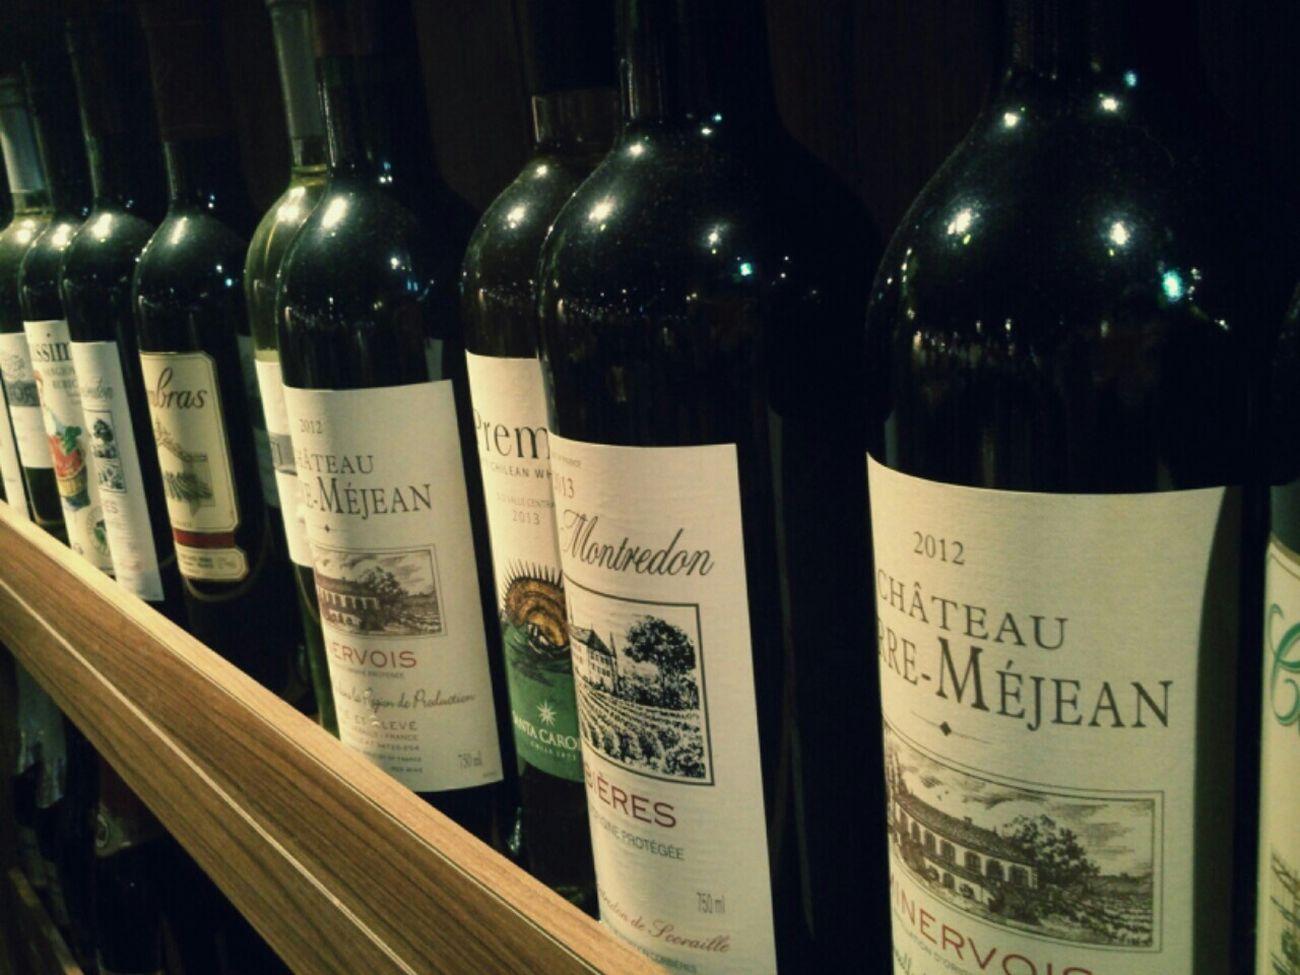 Holiday Enjoying Life Wine Winebotttle Winebottles Shibuya